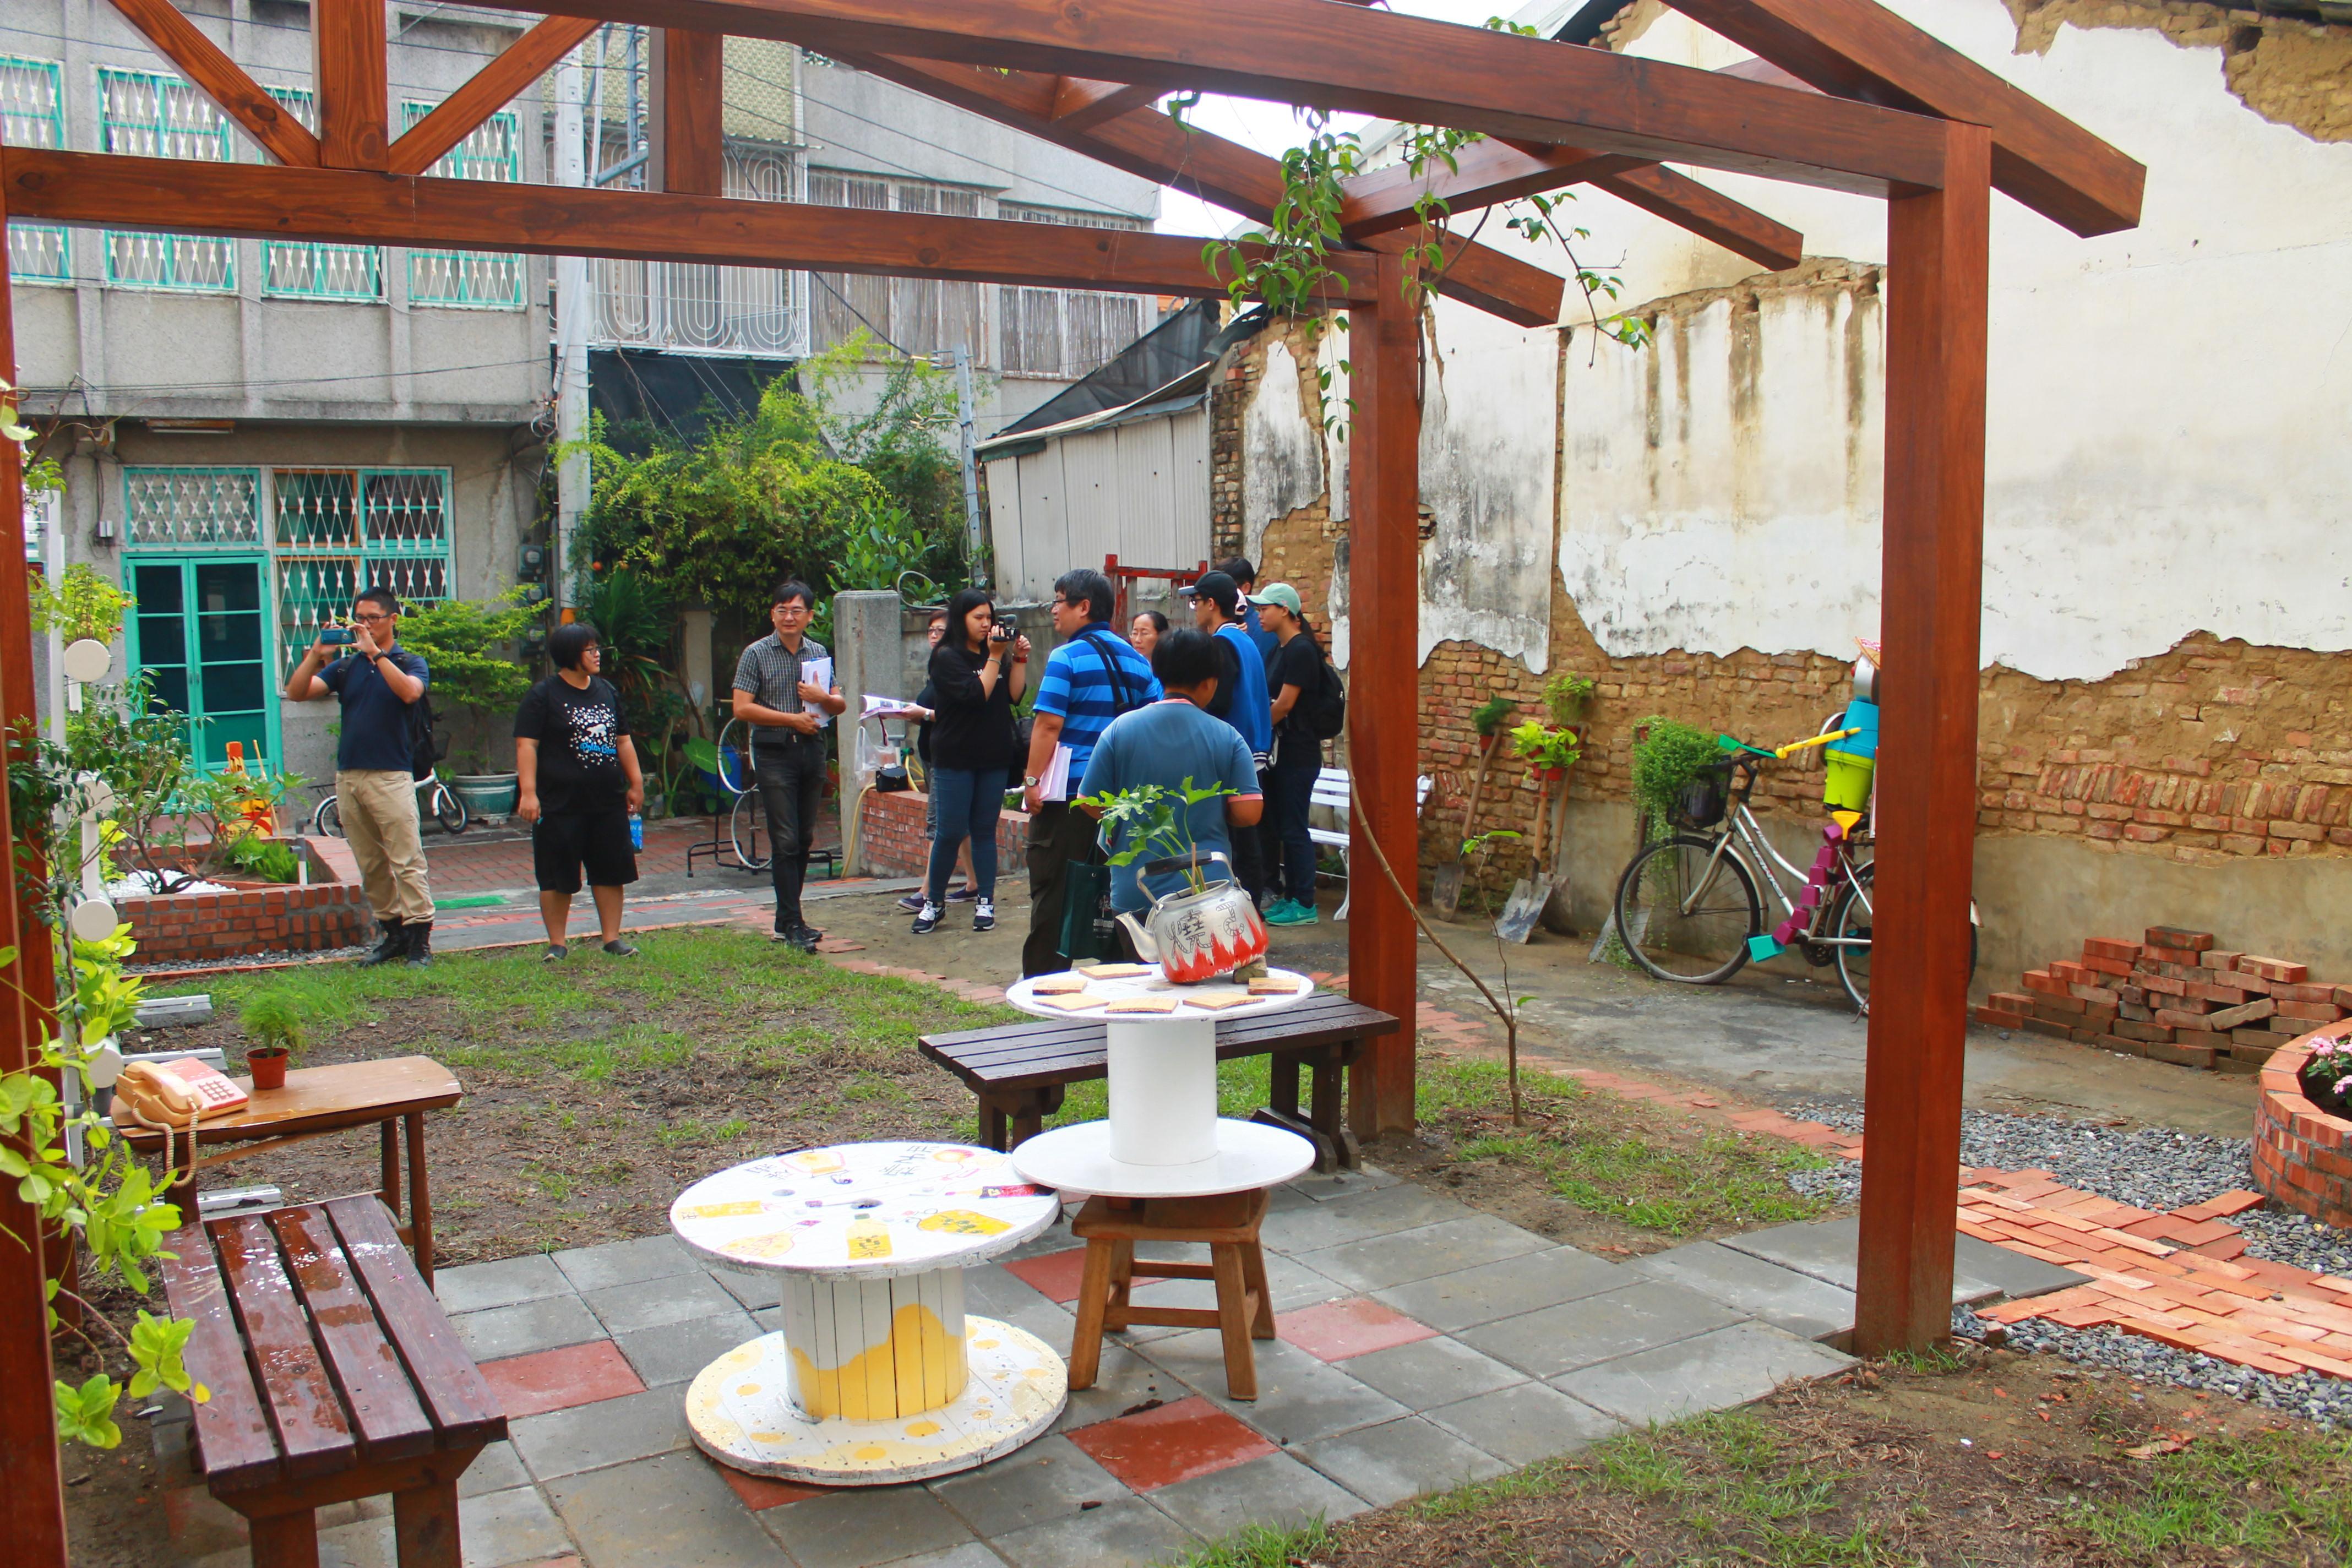 臺南築角創意營造計畫每年均有優良成果,社區也秉持熱忱持續維護